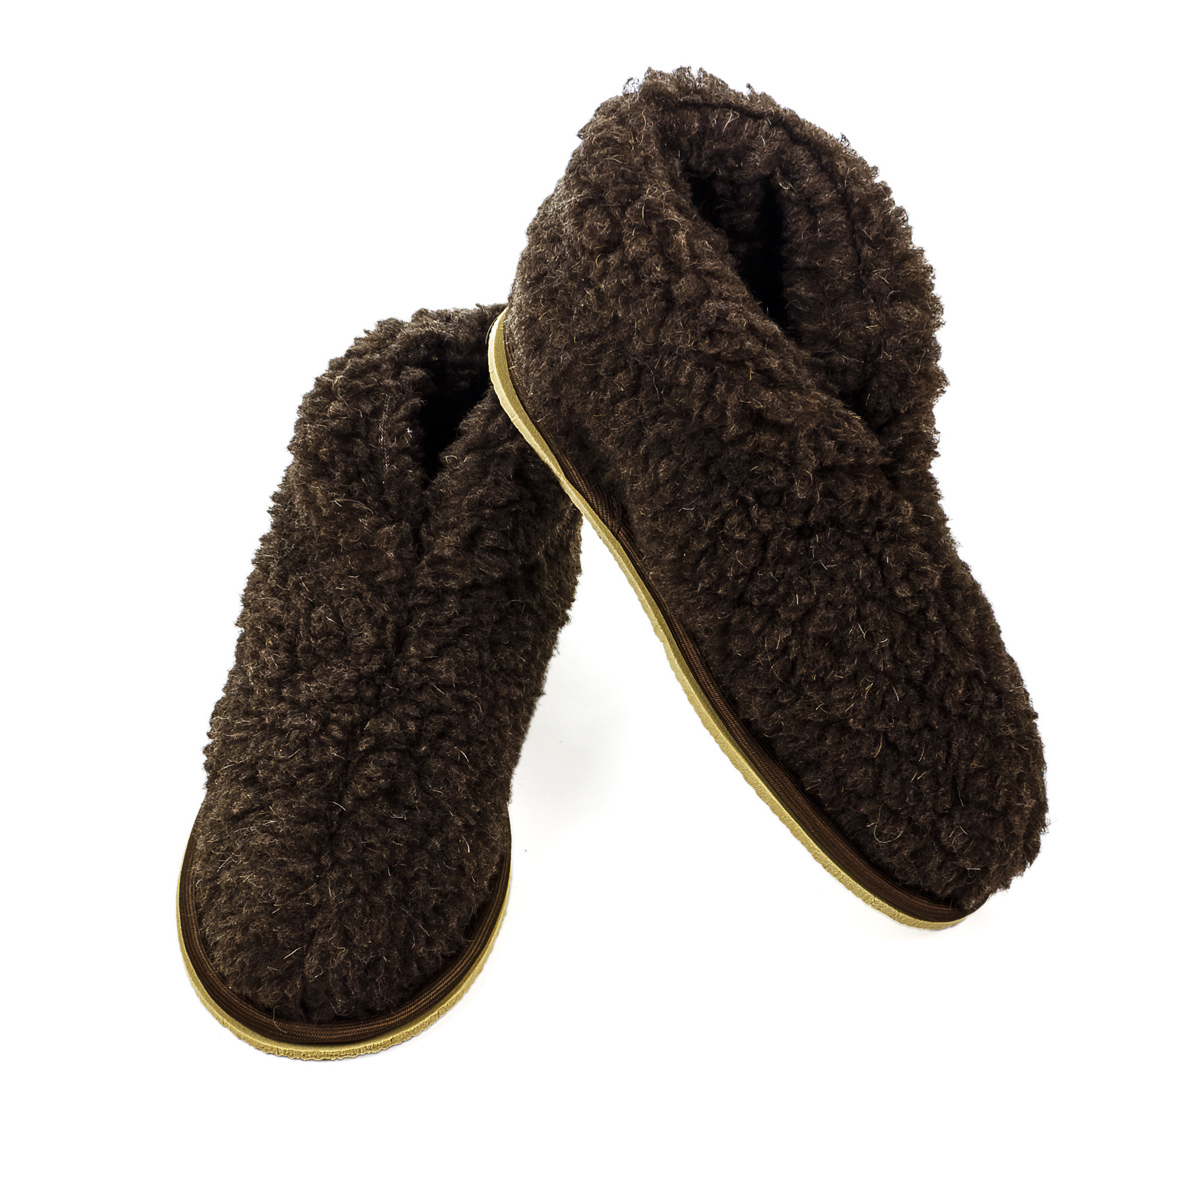 Обувь Бабуши Уют Коричневый р. 35Аксессуары и обувь<br><br><br>Тип: Обувь<br>Размер: 35<br>Материал: Овечья шерсть